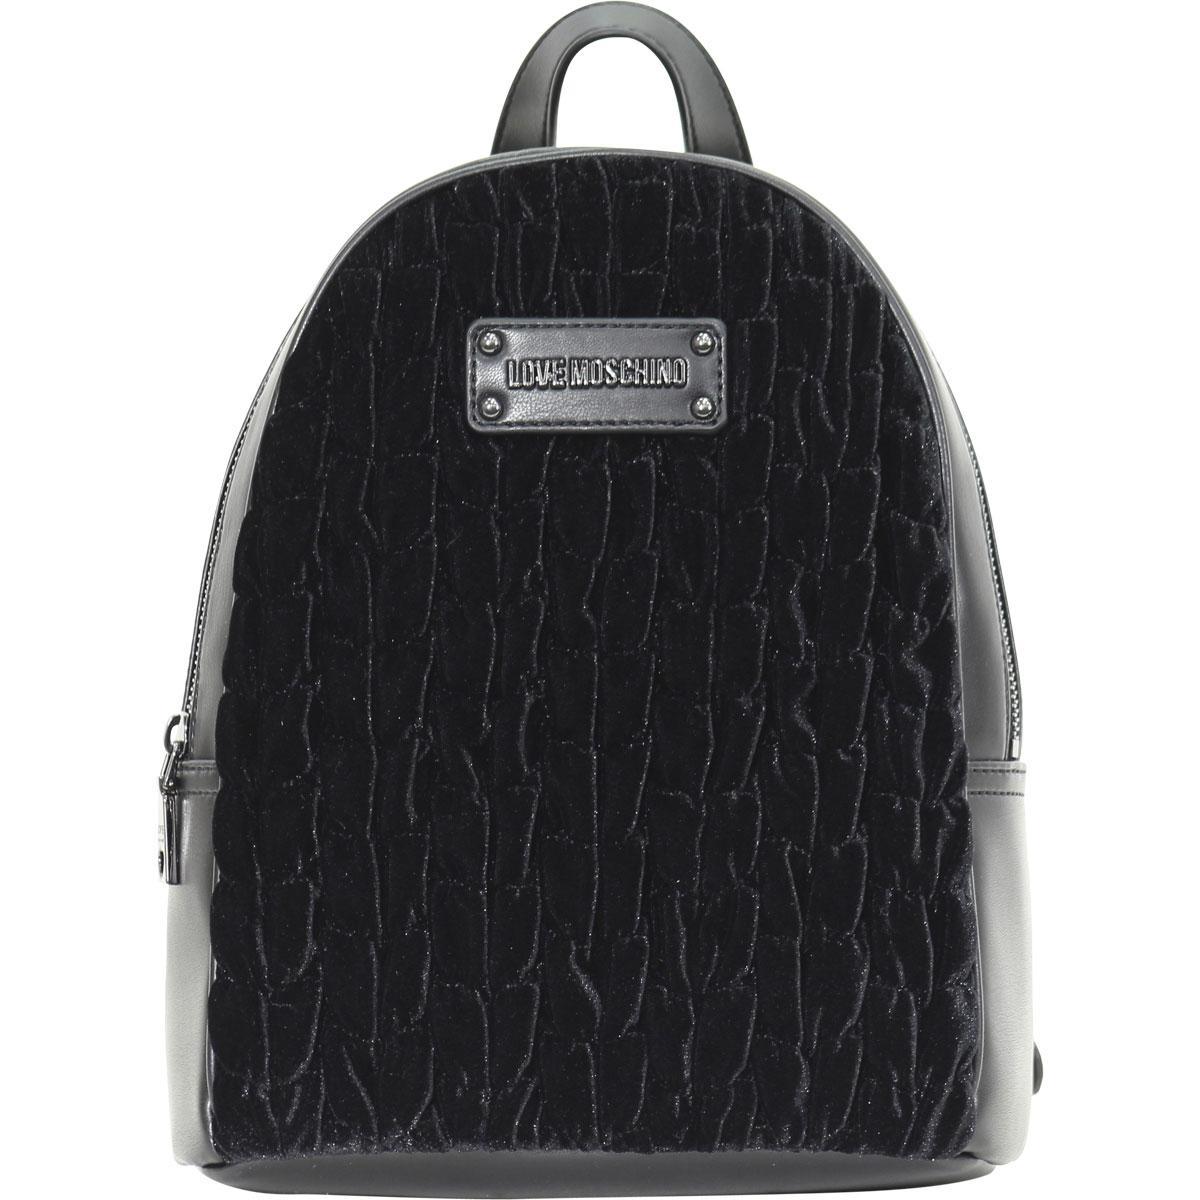 694fae3c6e Love Moschino Women's Gathered Velvet Backpack Bag